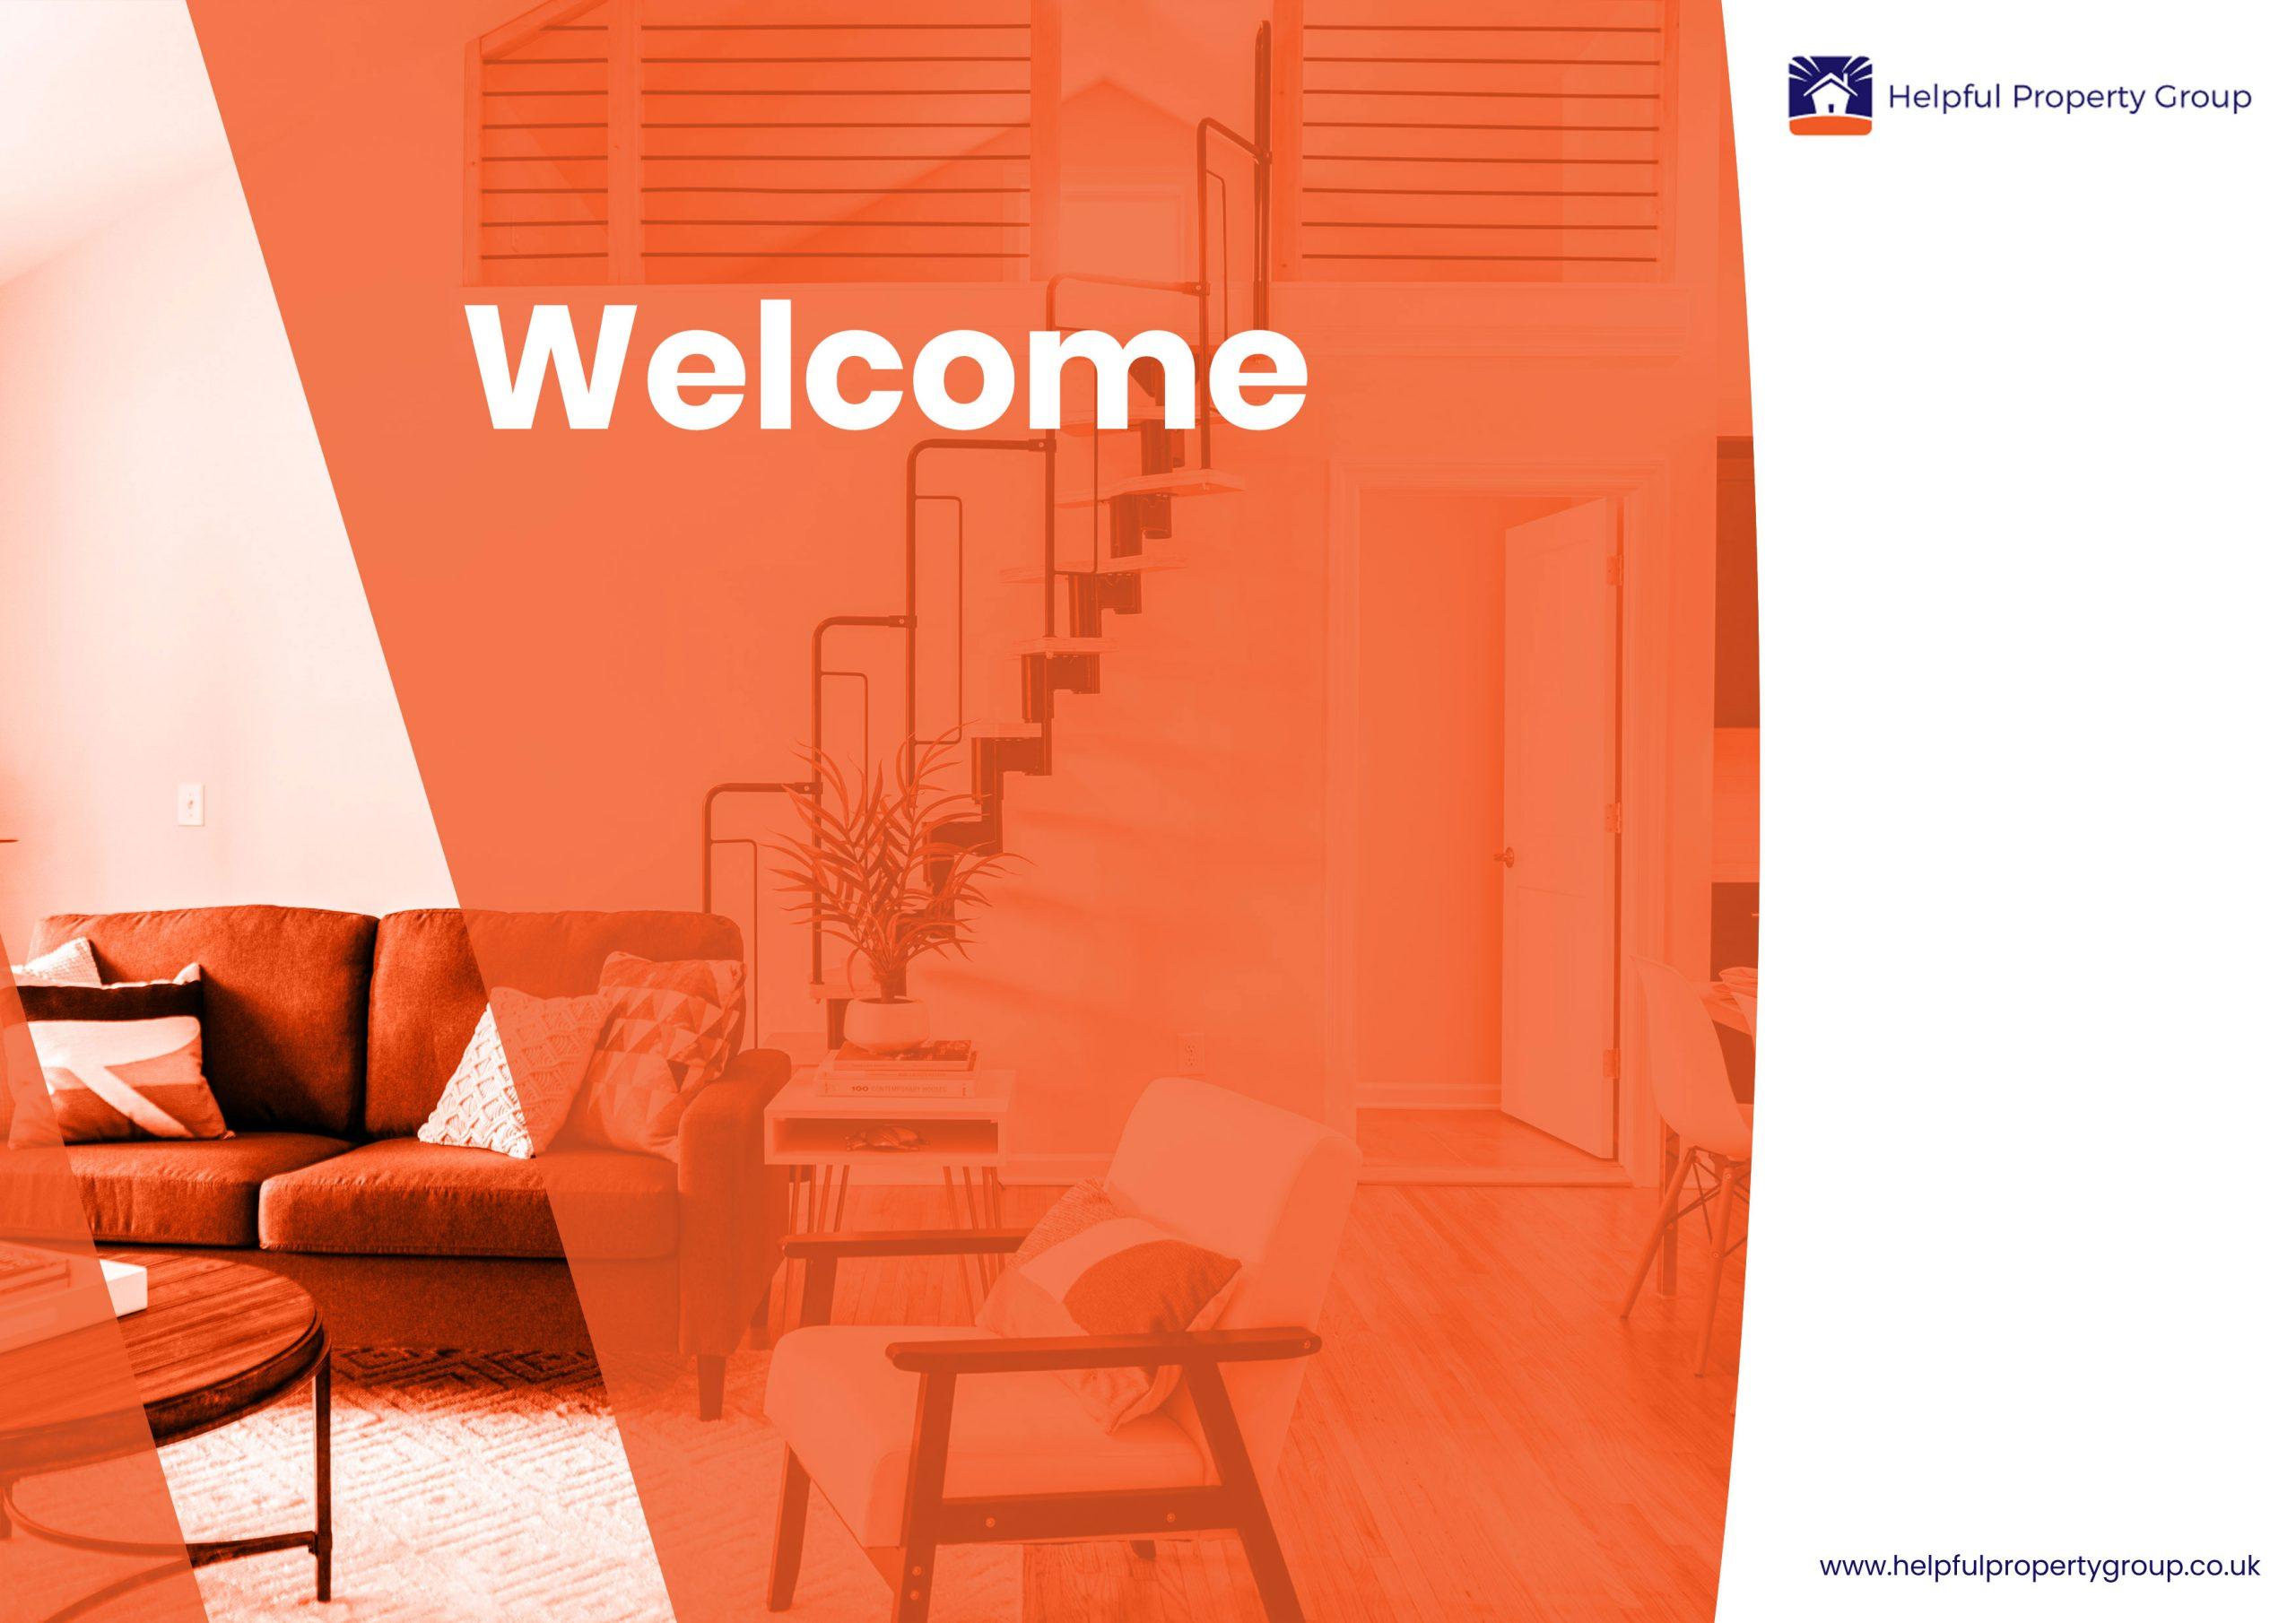 Helpful Property Group Slide Deck Design